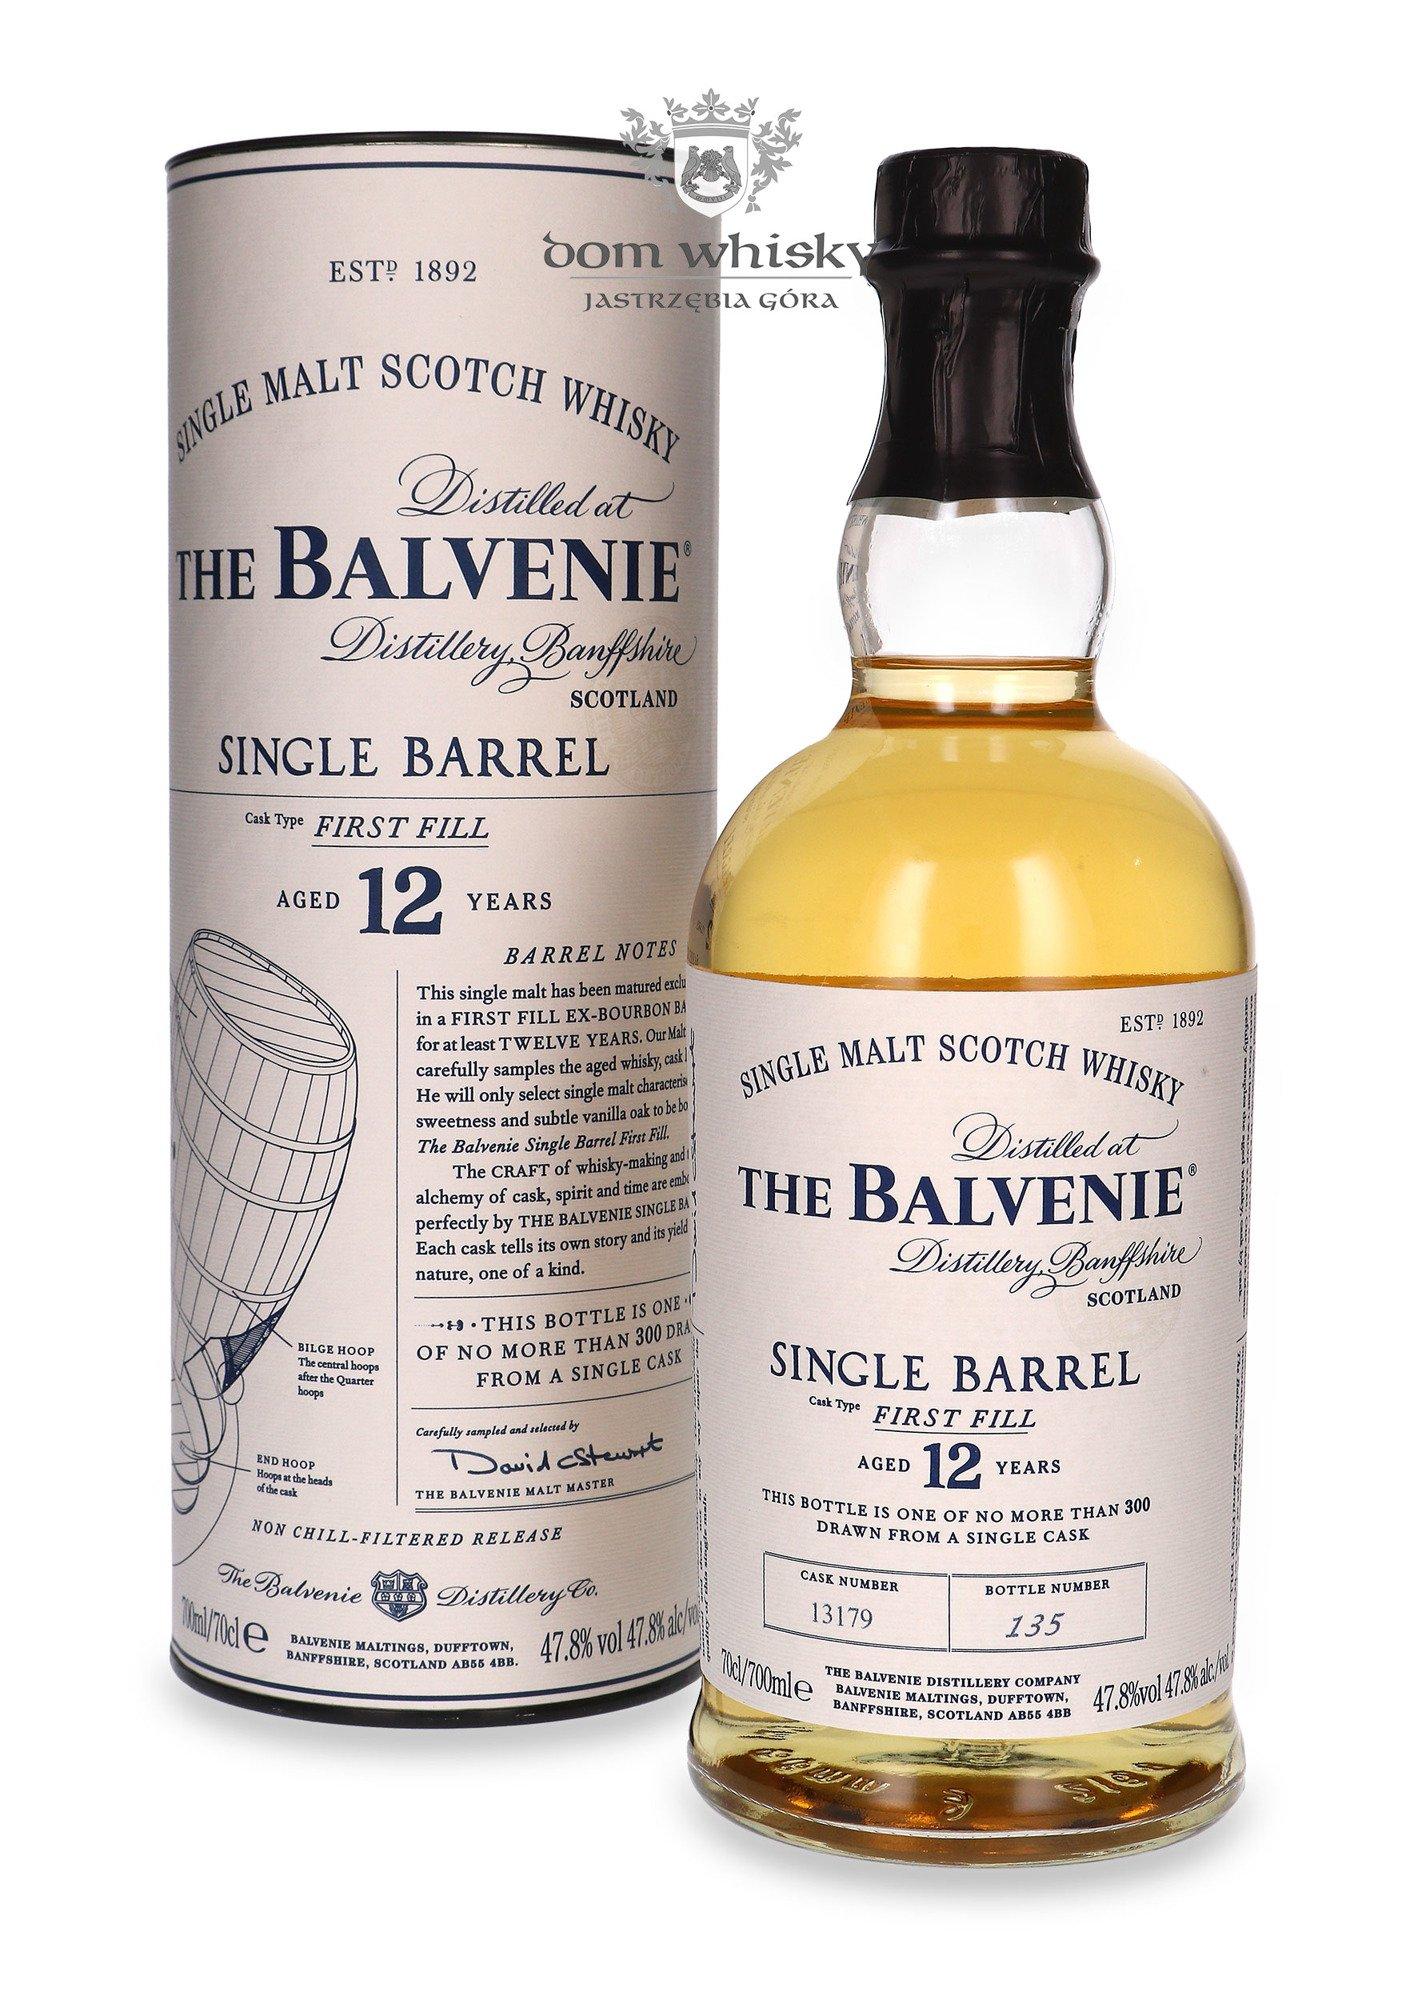 Balvenie single barrel first fill